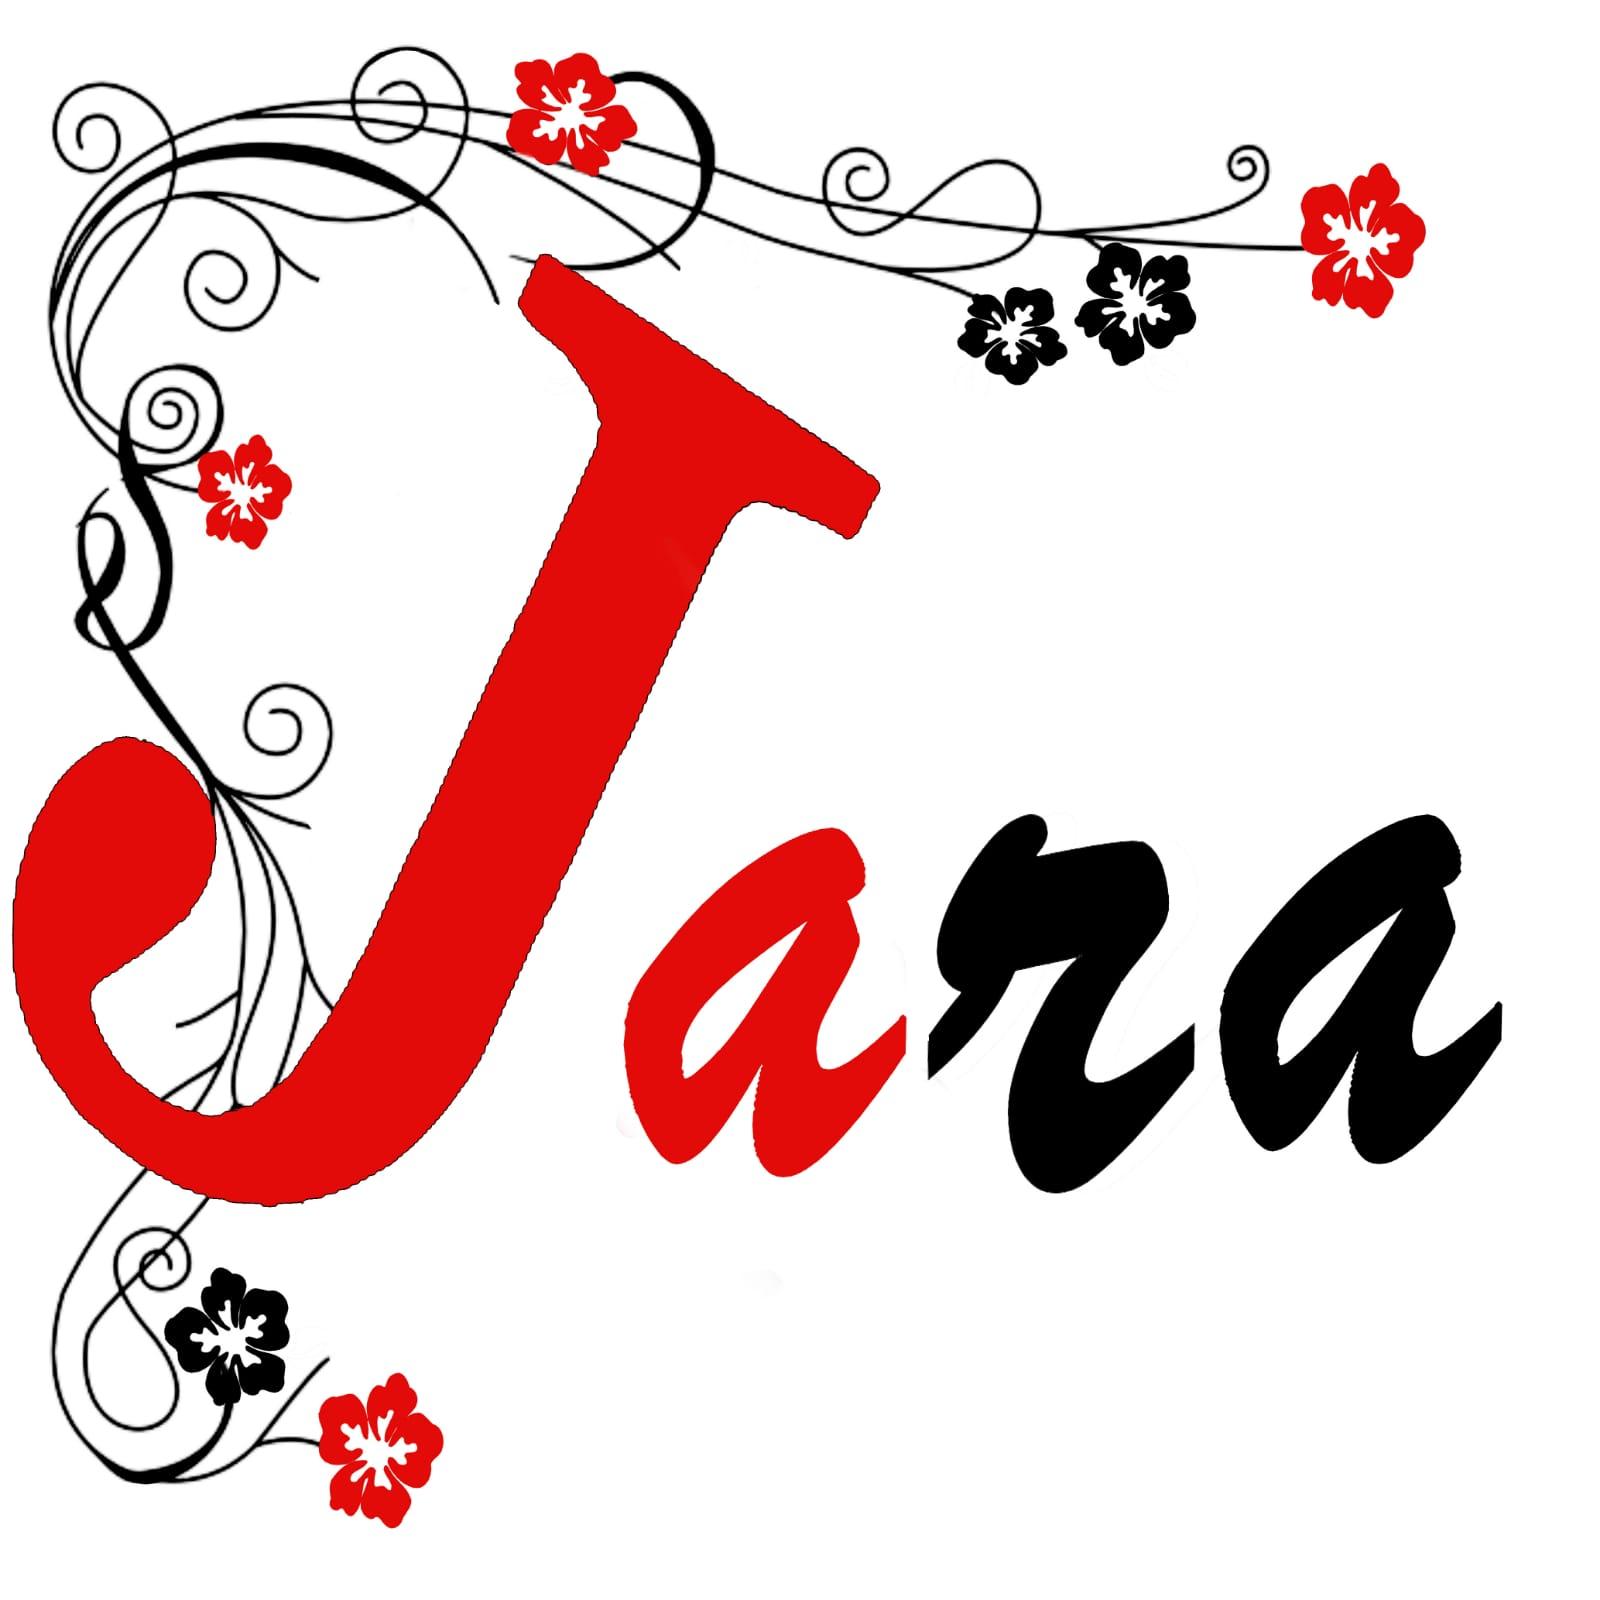 Jara Hogar (Cazorla)